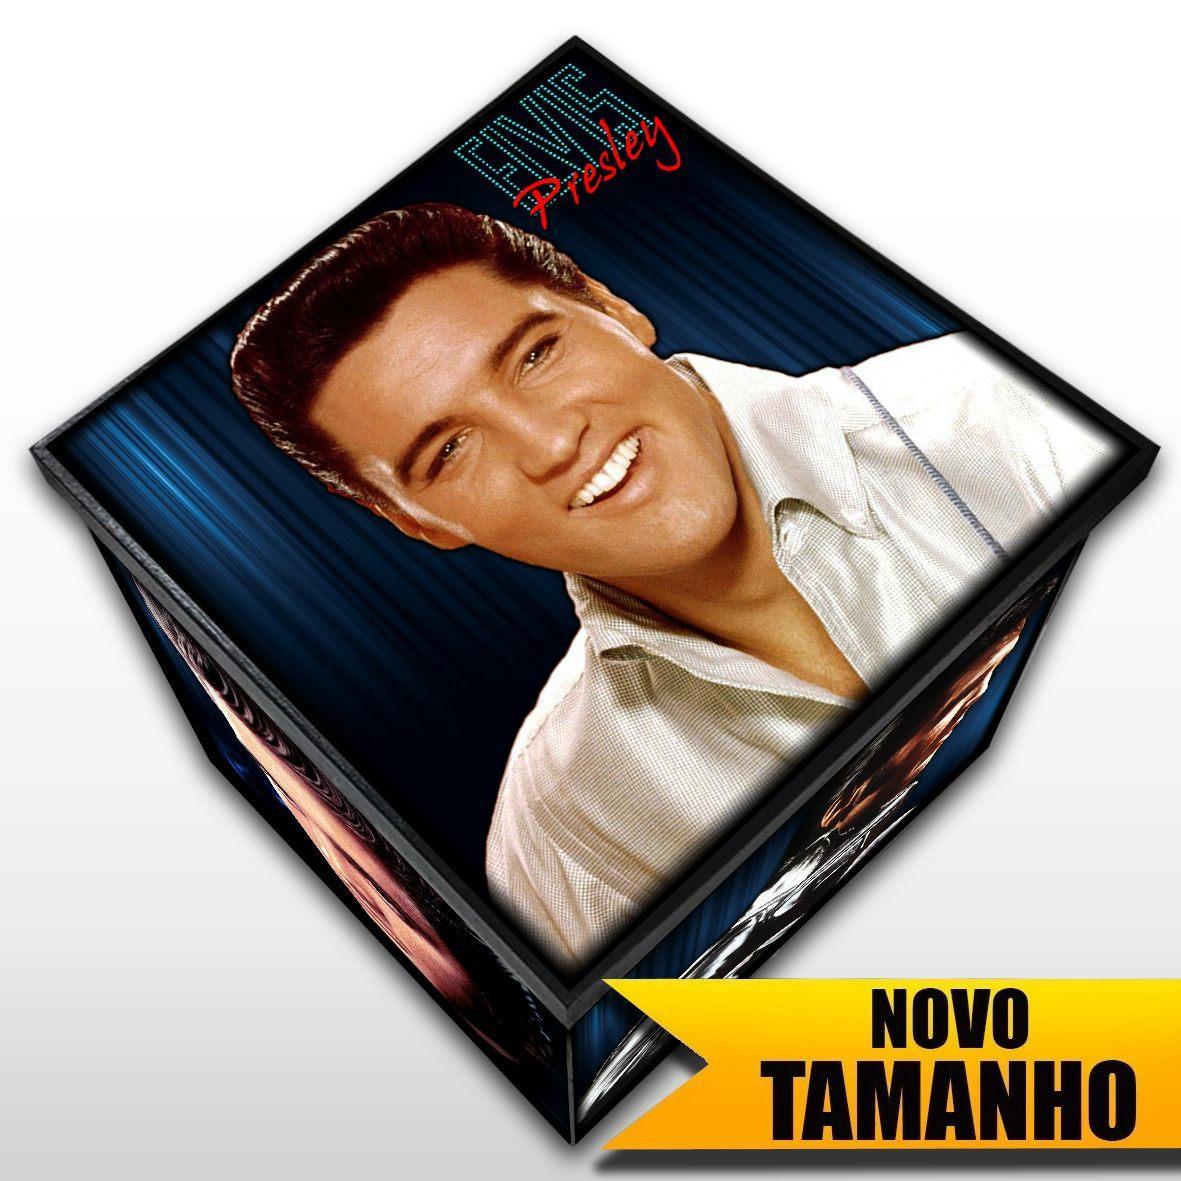 Elvis Presley - Caixa em Madeira MDF - Tamanho Grande - Mr. Rock